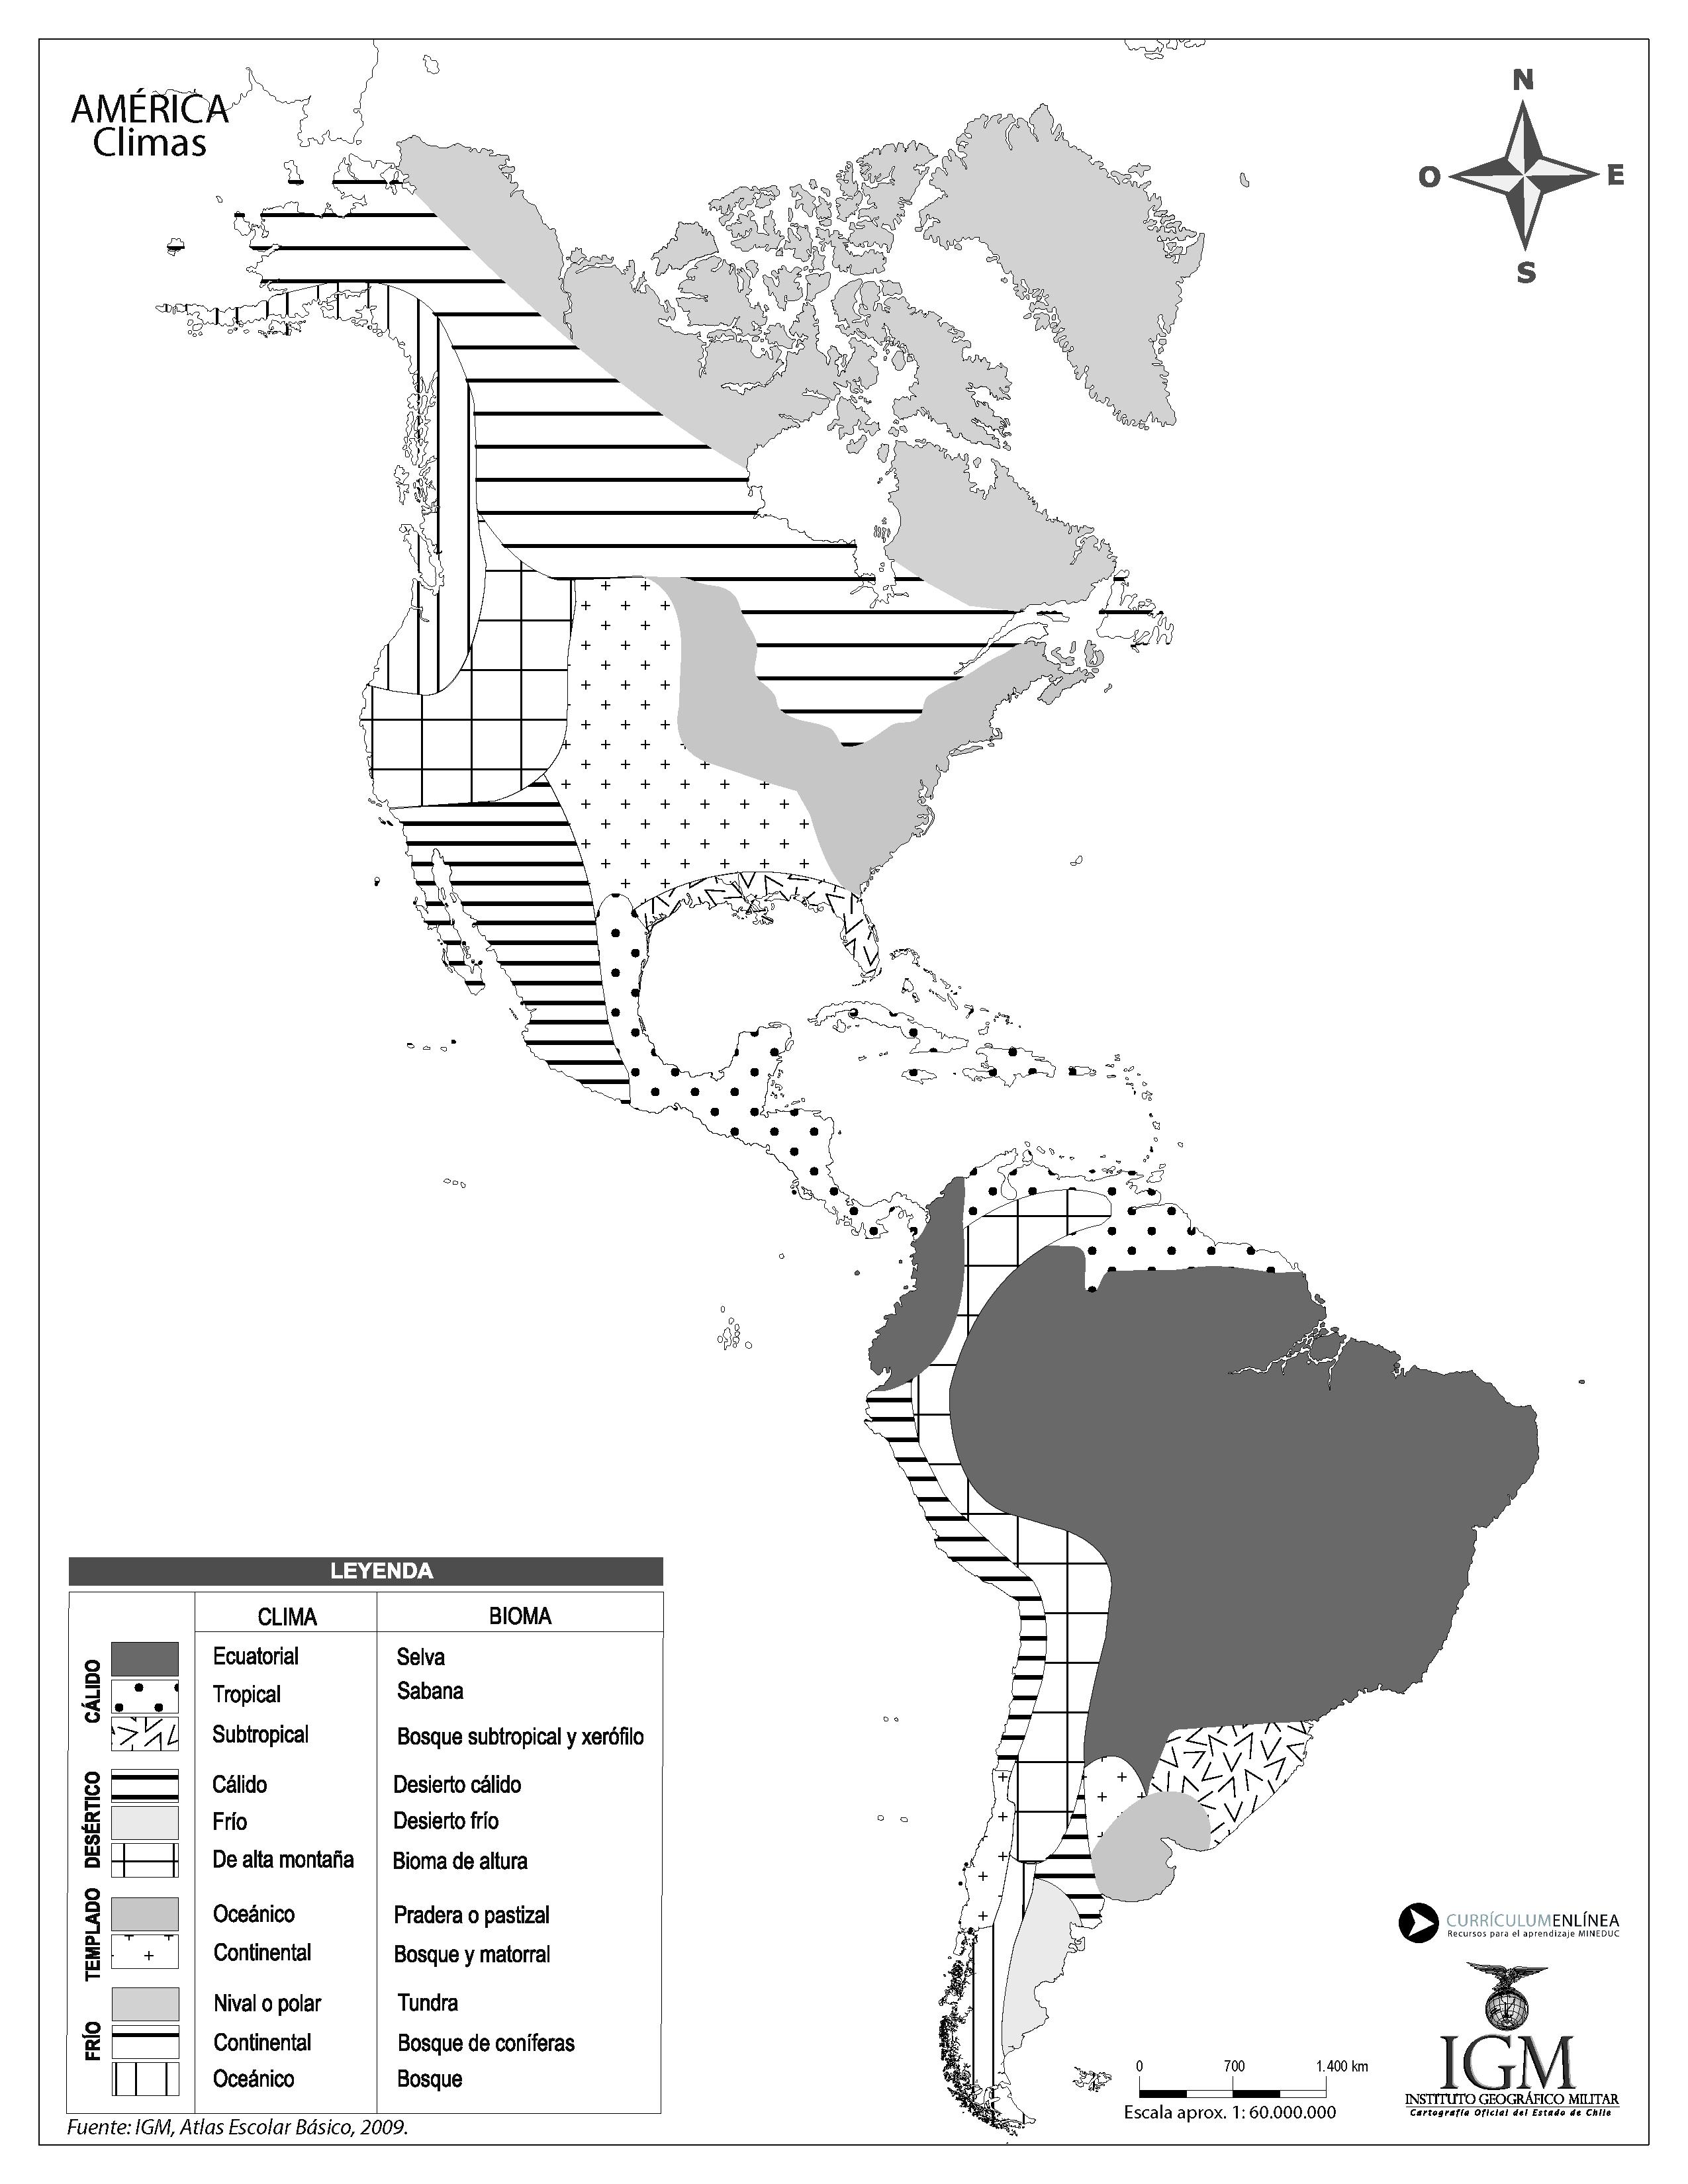 Mapa Climatico De America En Blanco Y Negro